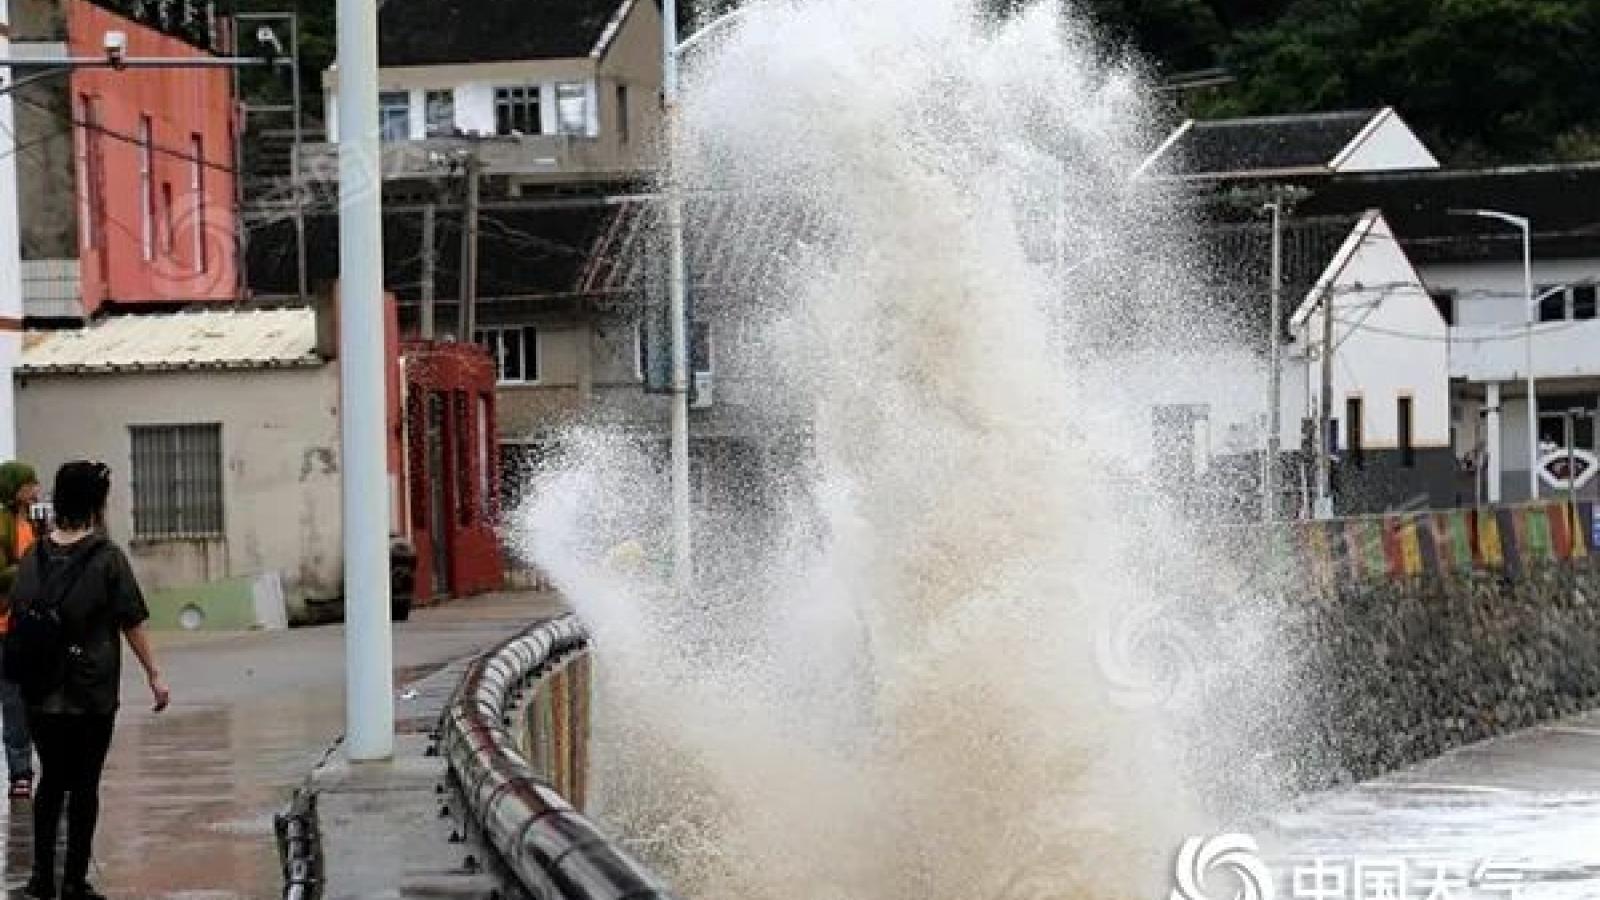 Bão In-Fa chính thức đổ bộ lần 2 vào Trung Quốc, đe dọa gây mưa cực lớn và ngập lụt